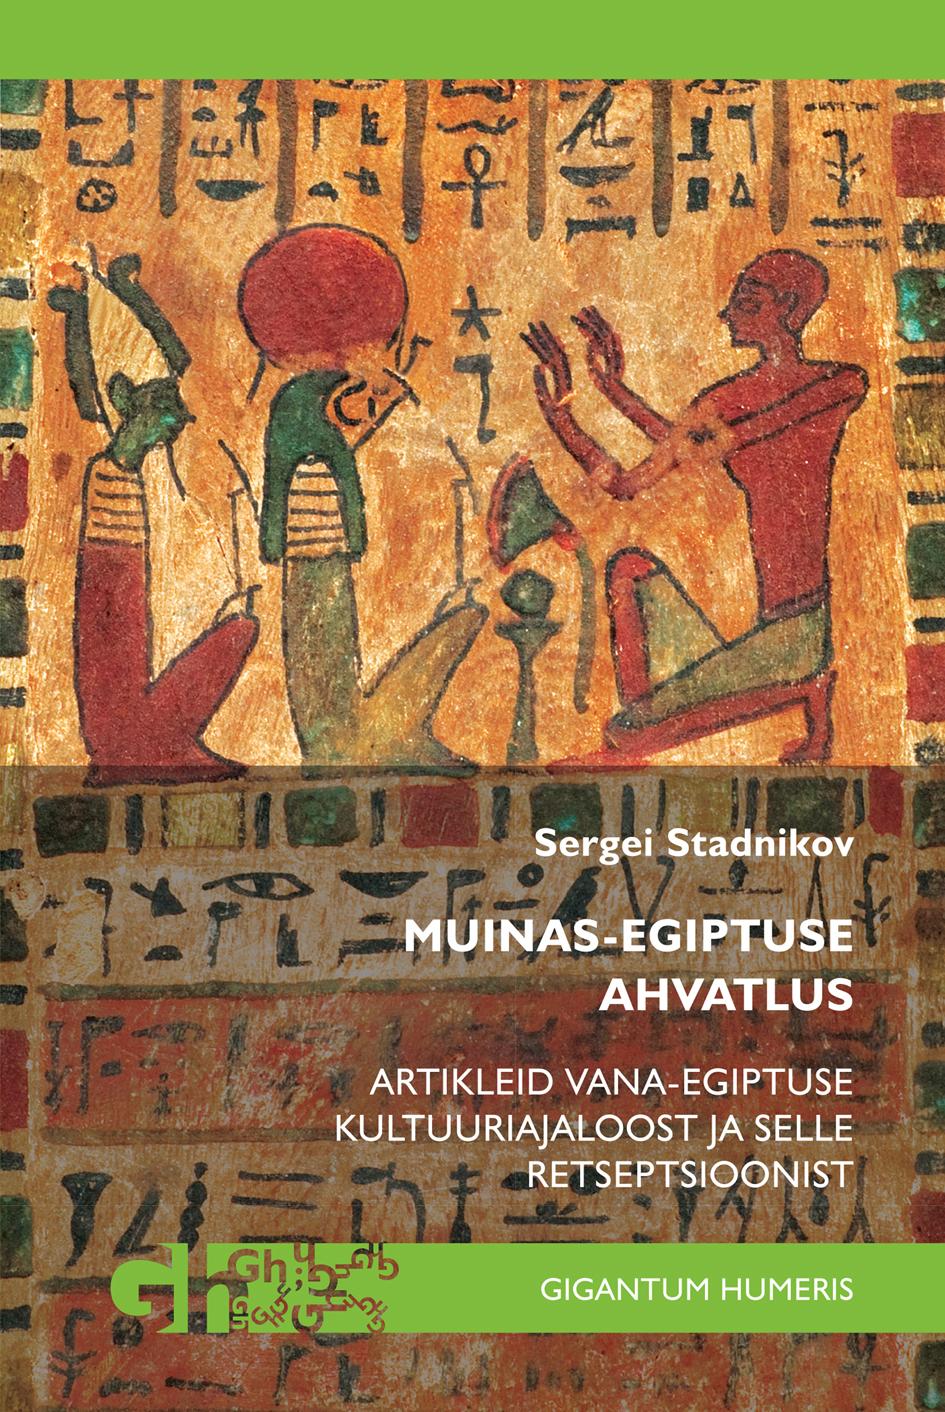 Muinas-egiptuse ahvatlus. artikleid vana-egiptuse kultuuriajaloost ja selle retseptsioonist